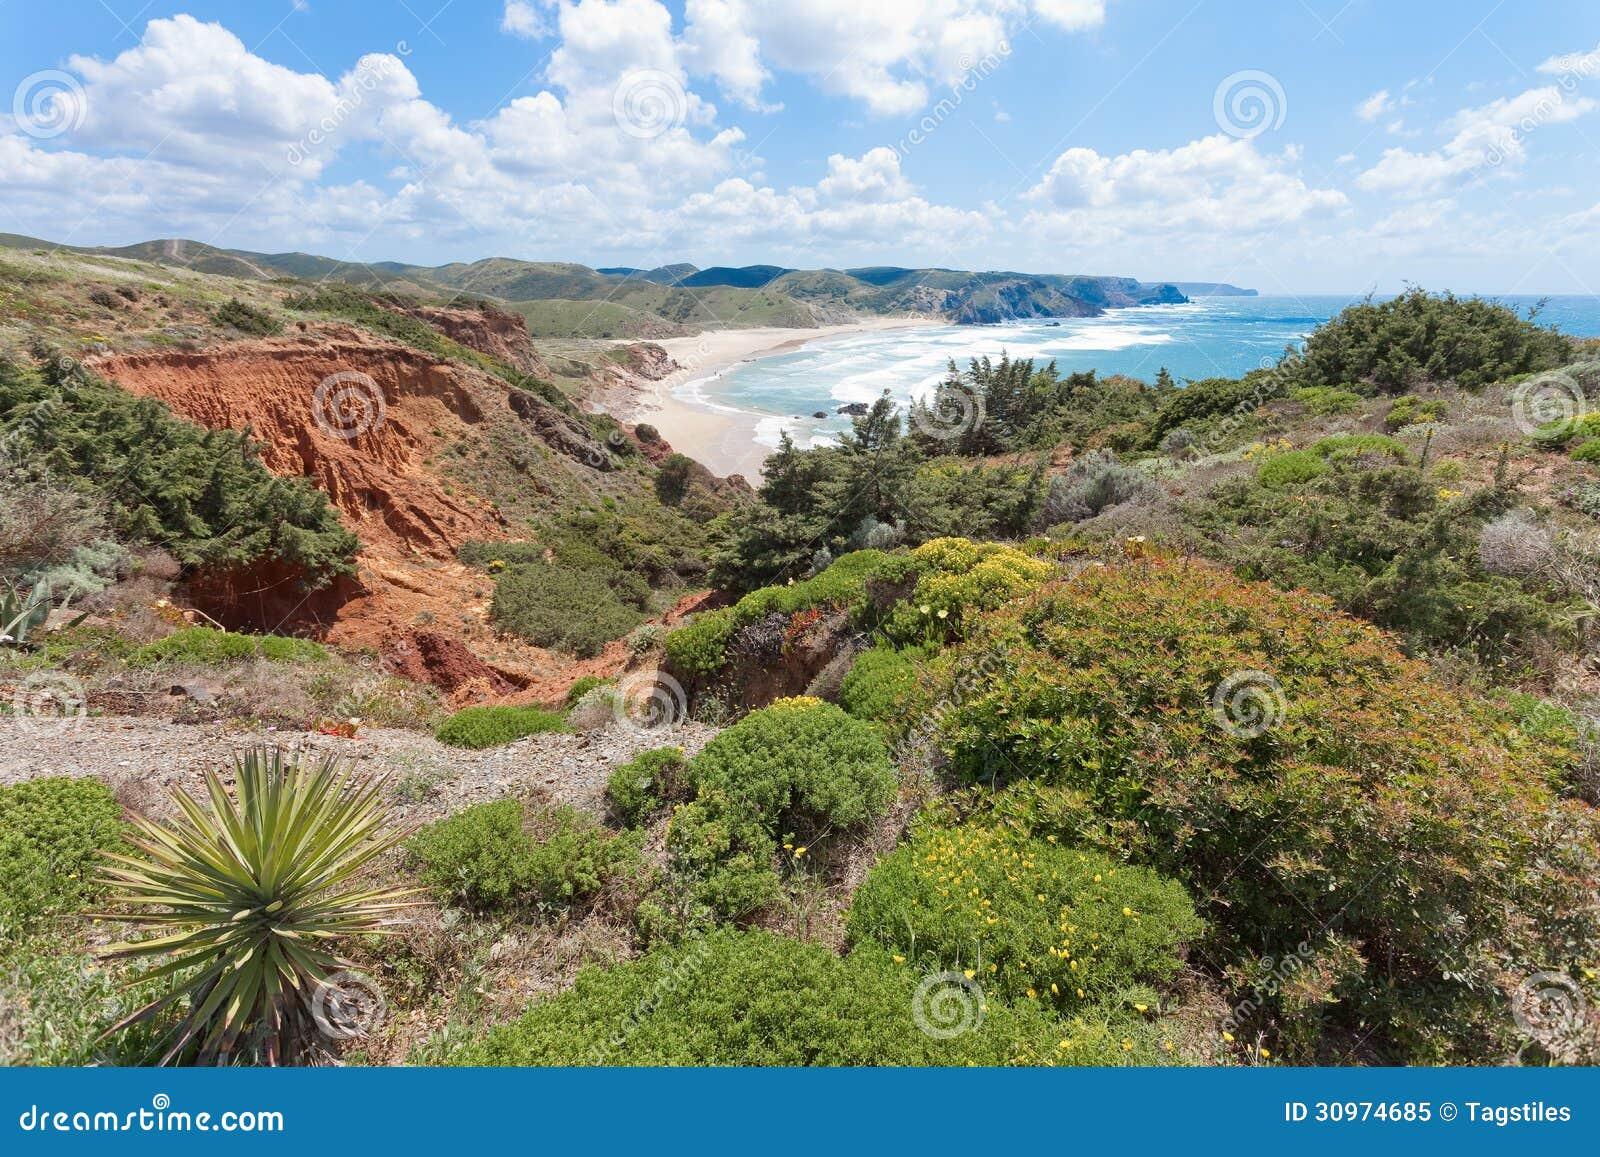 Download Portugal - Praia tun Amado stockbild. Bild von feiertag - 30974685